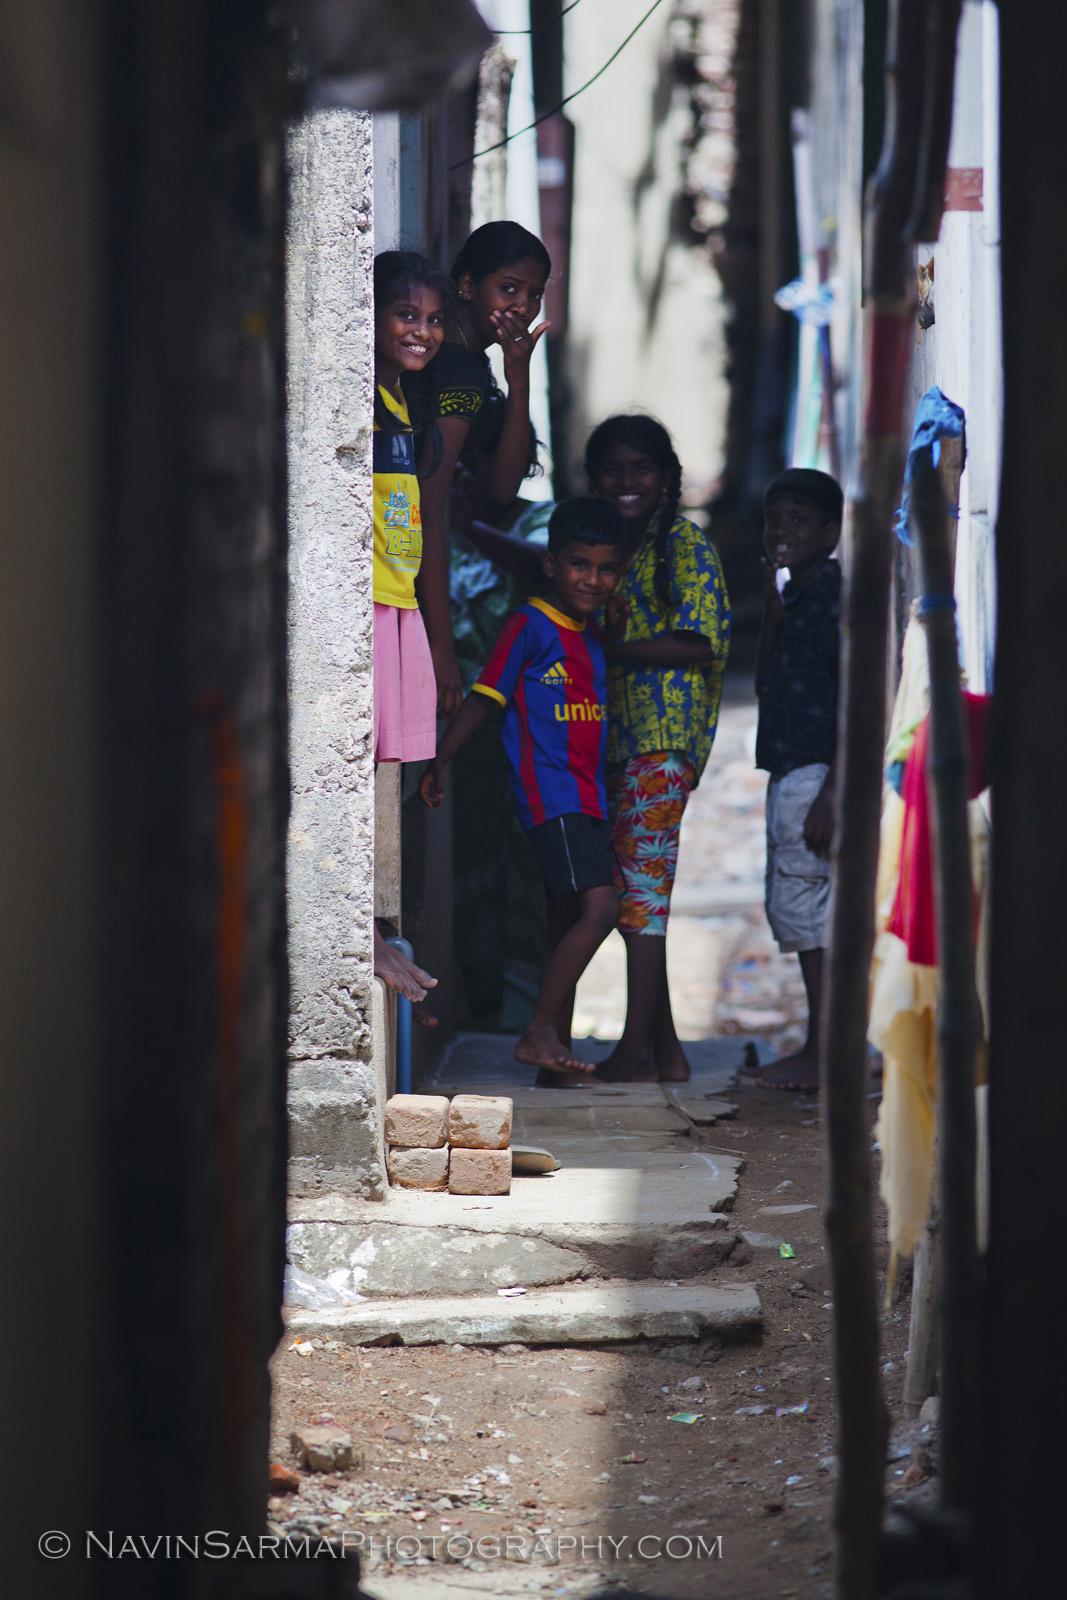 Curious children look down an alley in Chennai